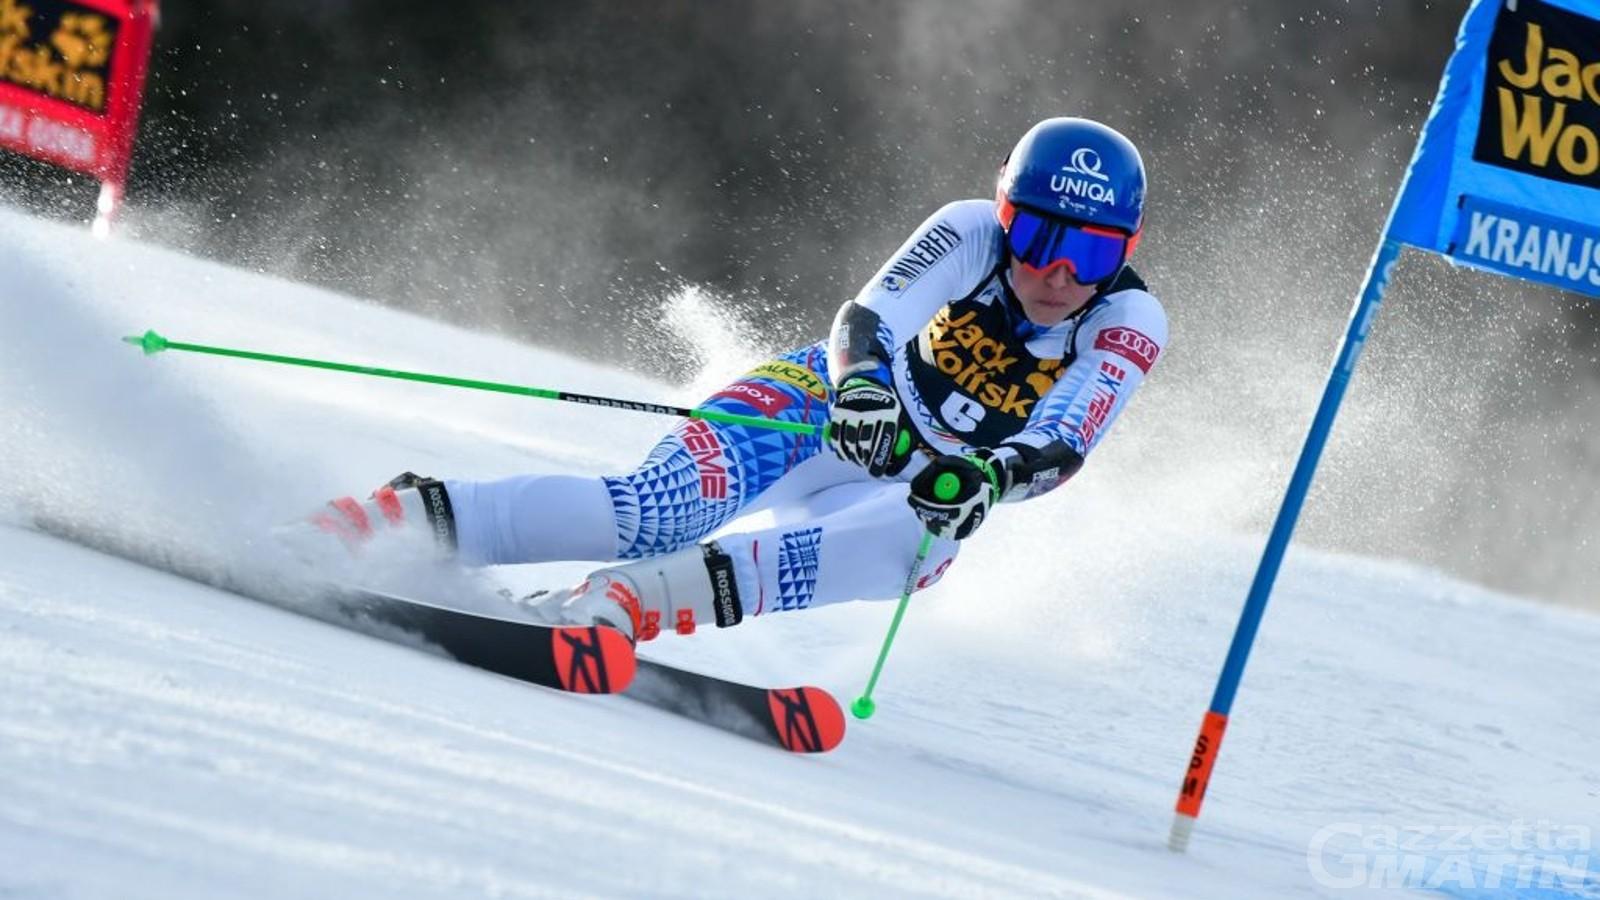 Sci alpino: Vlhova trionfa a Jasna, Brignone 6ª, a Bassino la coppetta di specialità